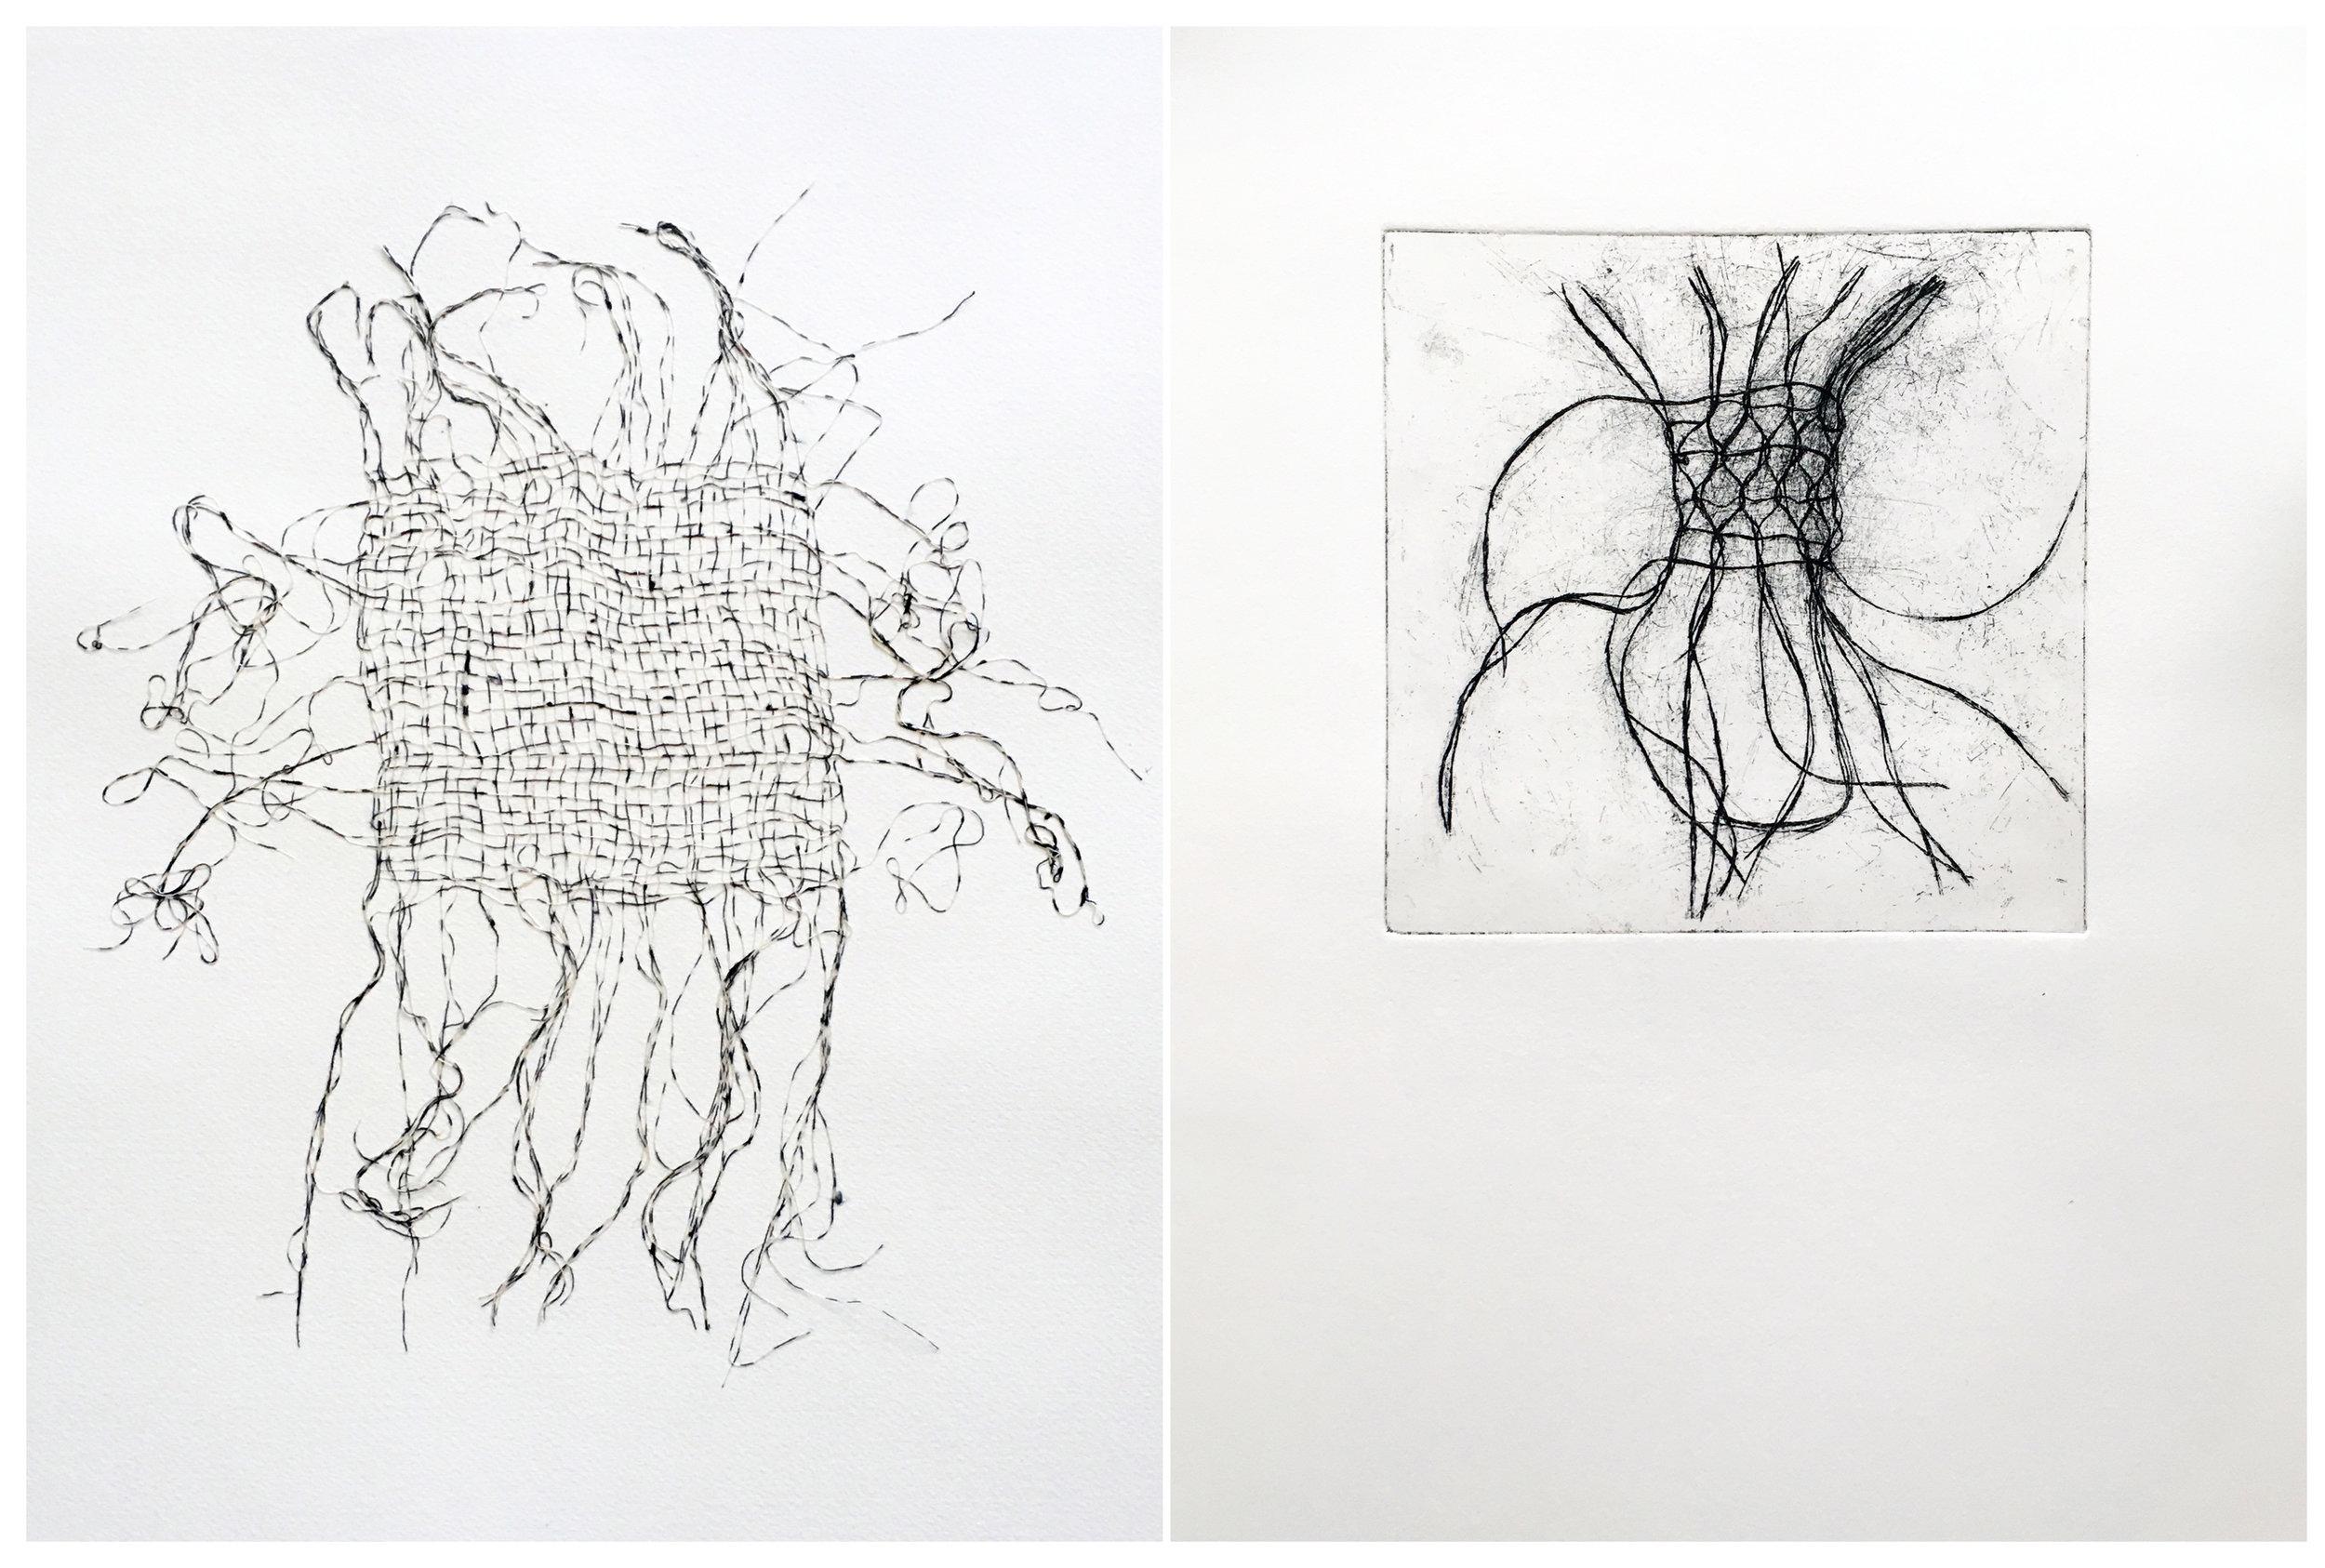 Desert Wayfarer I,   2016,cotton threads, 21 1/2 x 25 1/2 inches framed    Desert Aura Print I  , 2017, oil on cotton paper, 12 x 20 inches unframed